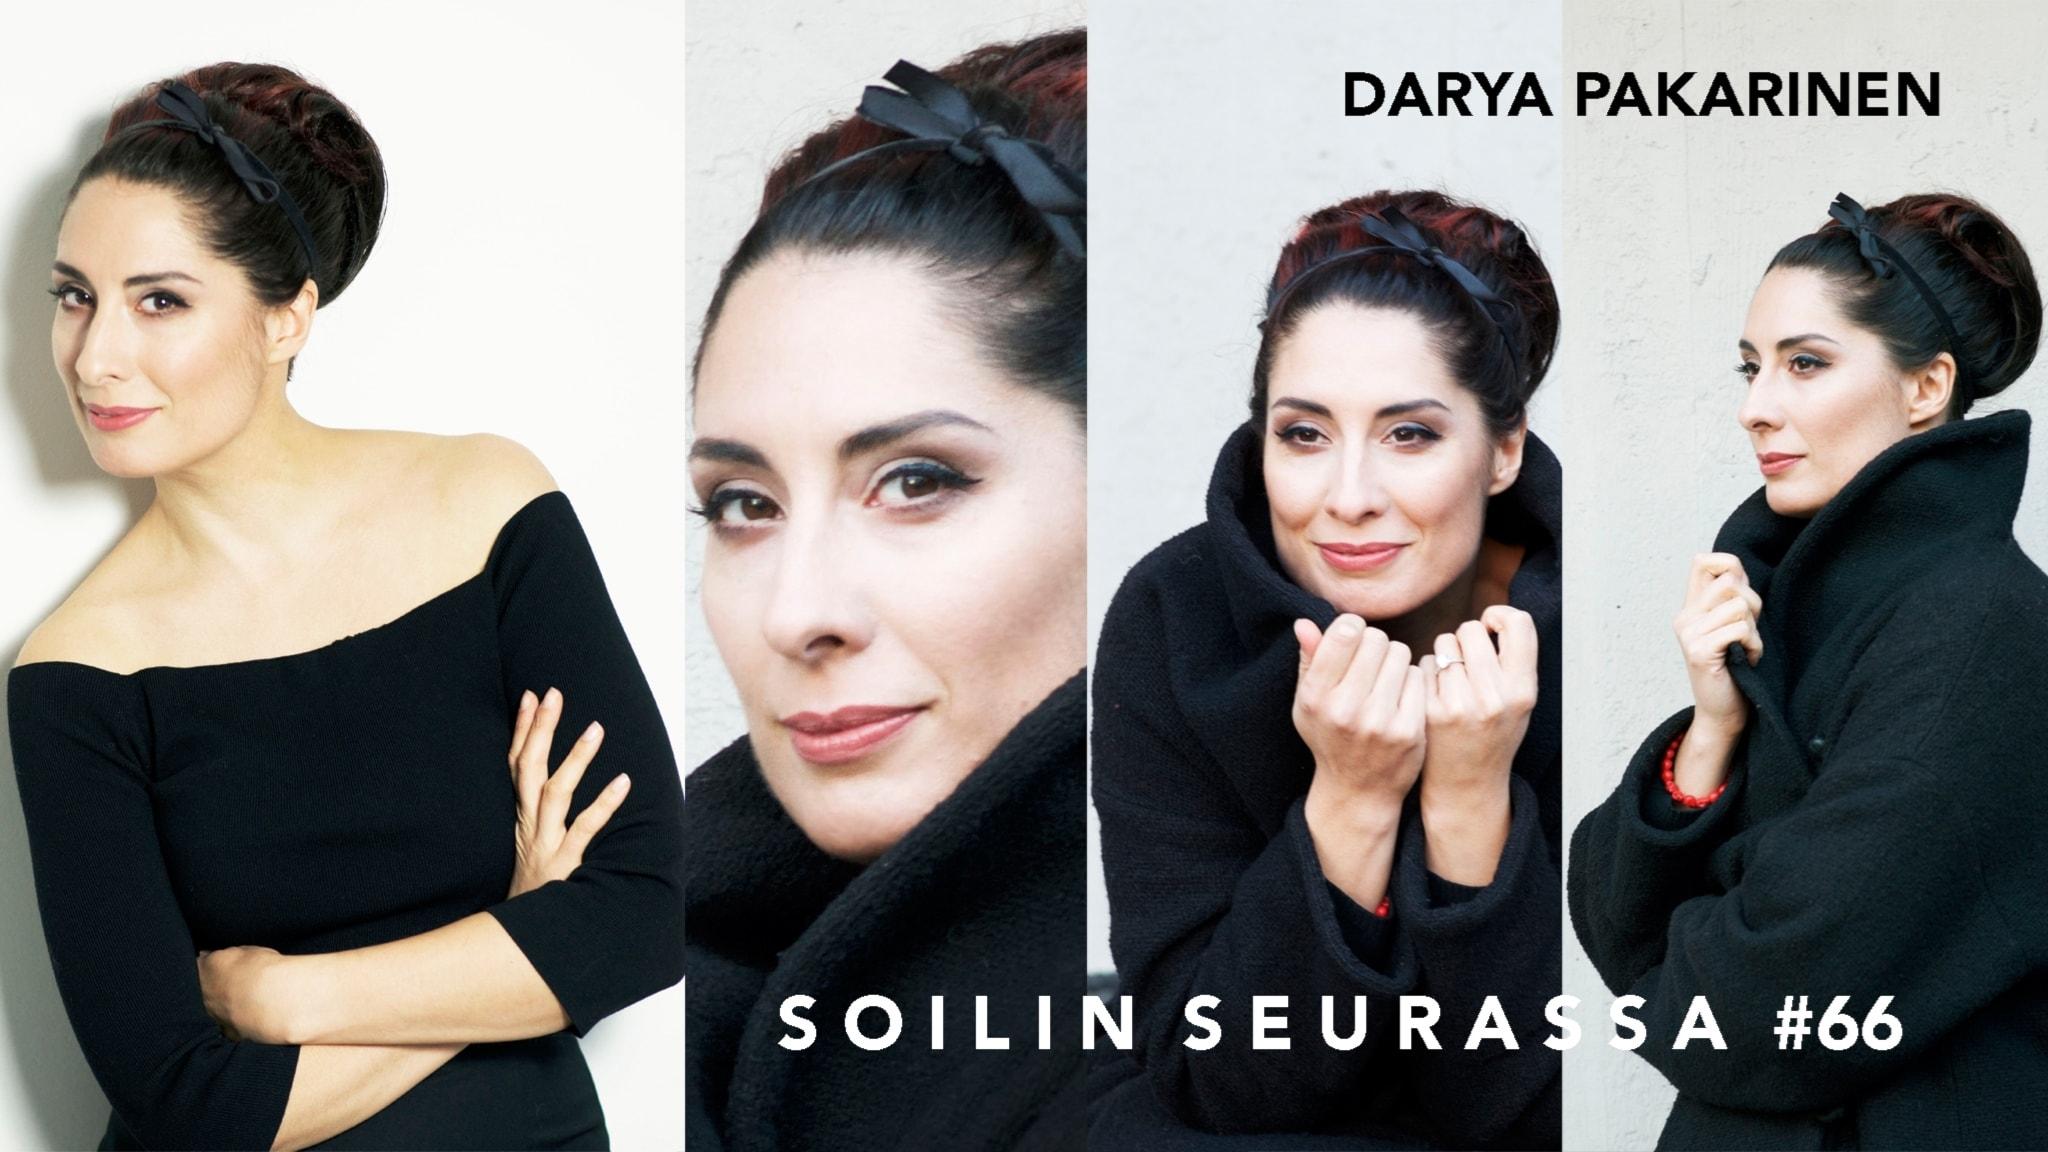 Darya Pakarinen: Tango on minulle kaipuumusiikkia